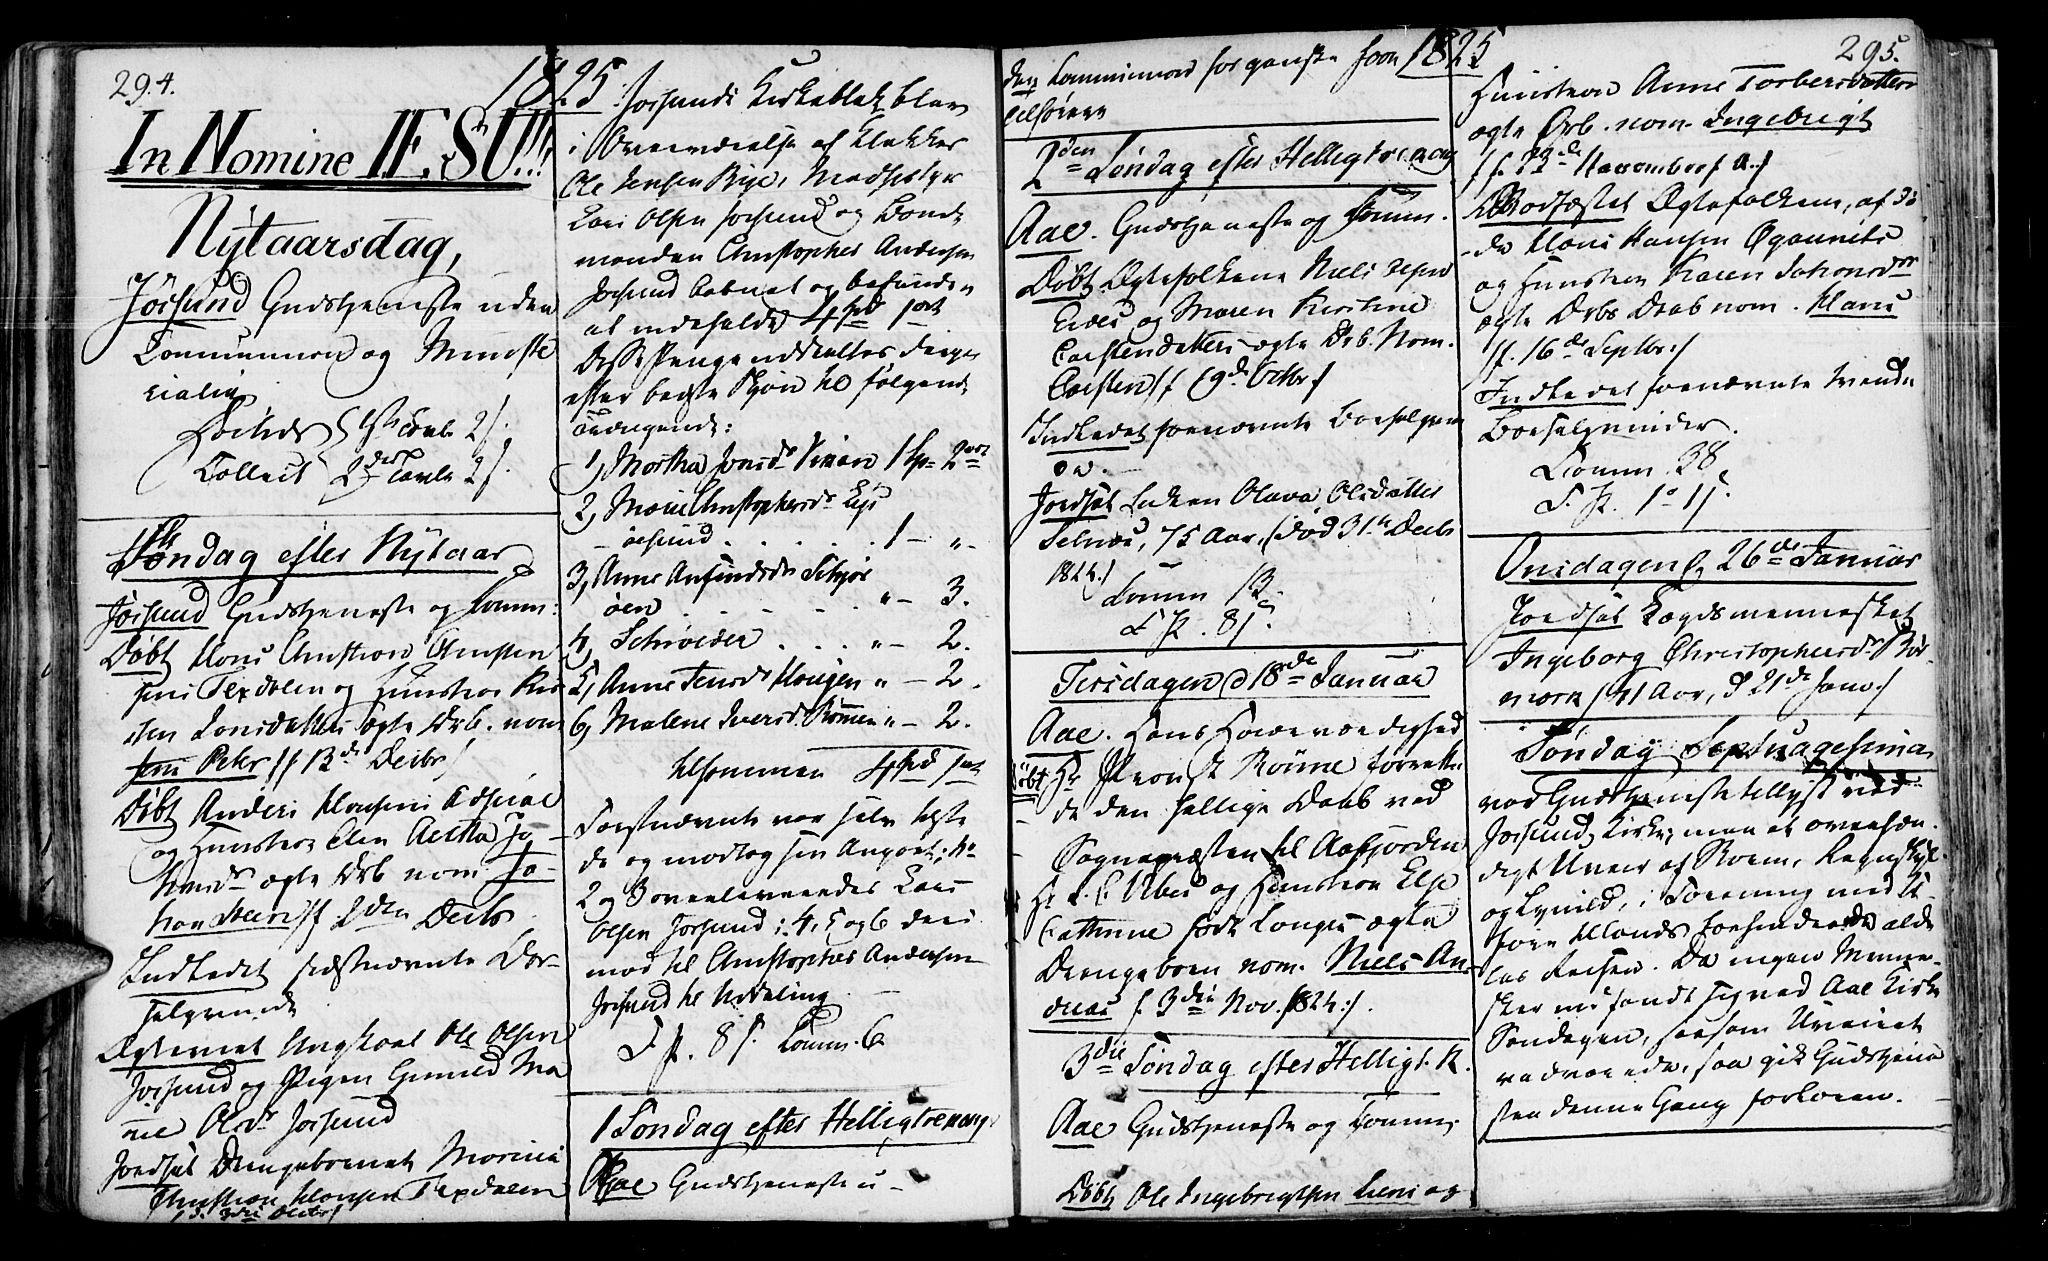 SAT, Ministerialprotokoller, klokkerbøker og fødselsregistre - Sør-Trøndelag, 655/L0674: Ministerialbok nr. 655A03, 1802-1826, s. 294-295